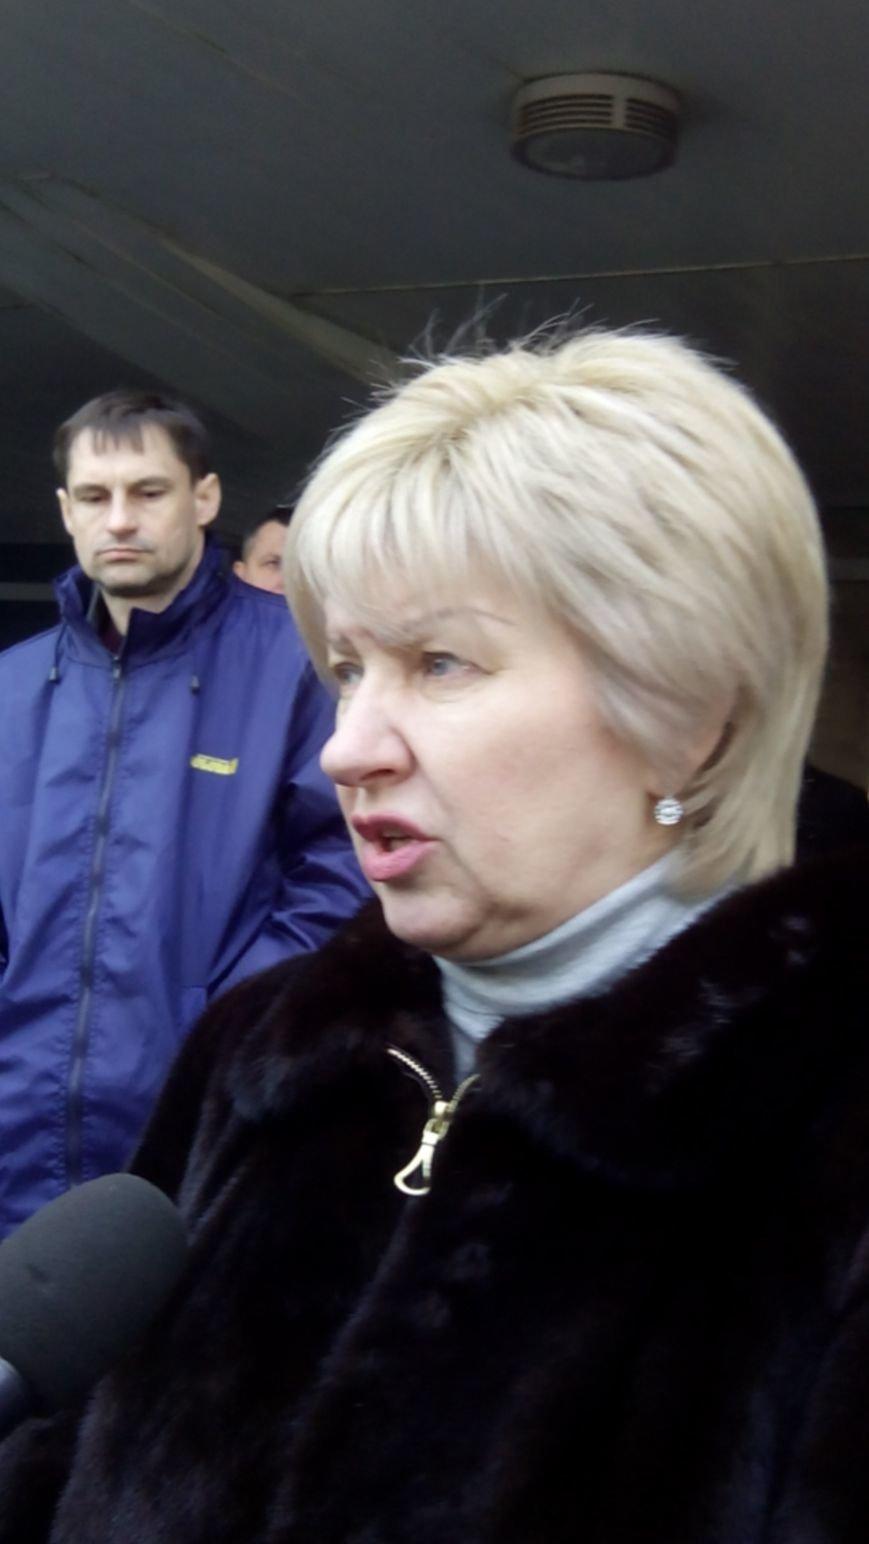 Мы сами решим, кому быть нардепом, а кому нет, - днепропетровские активисты (ФОТО), фото-4